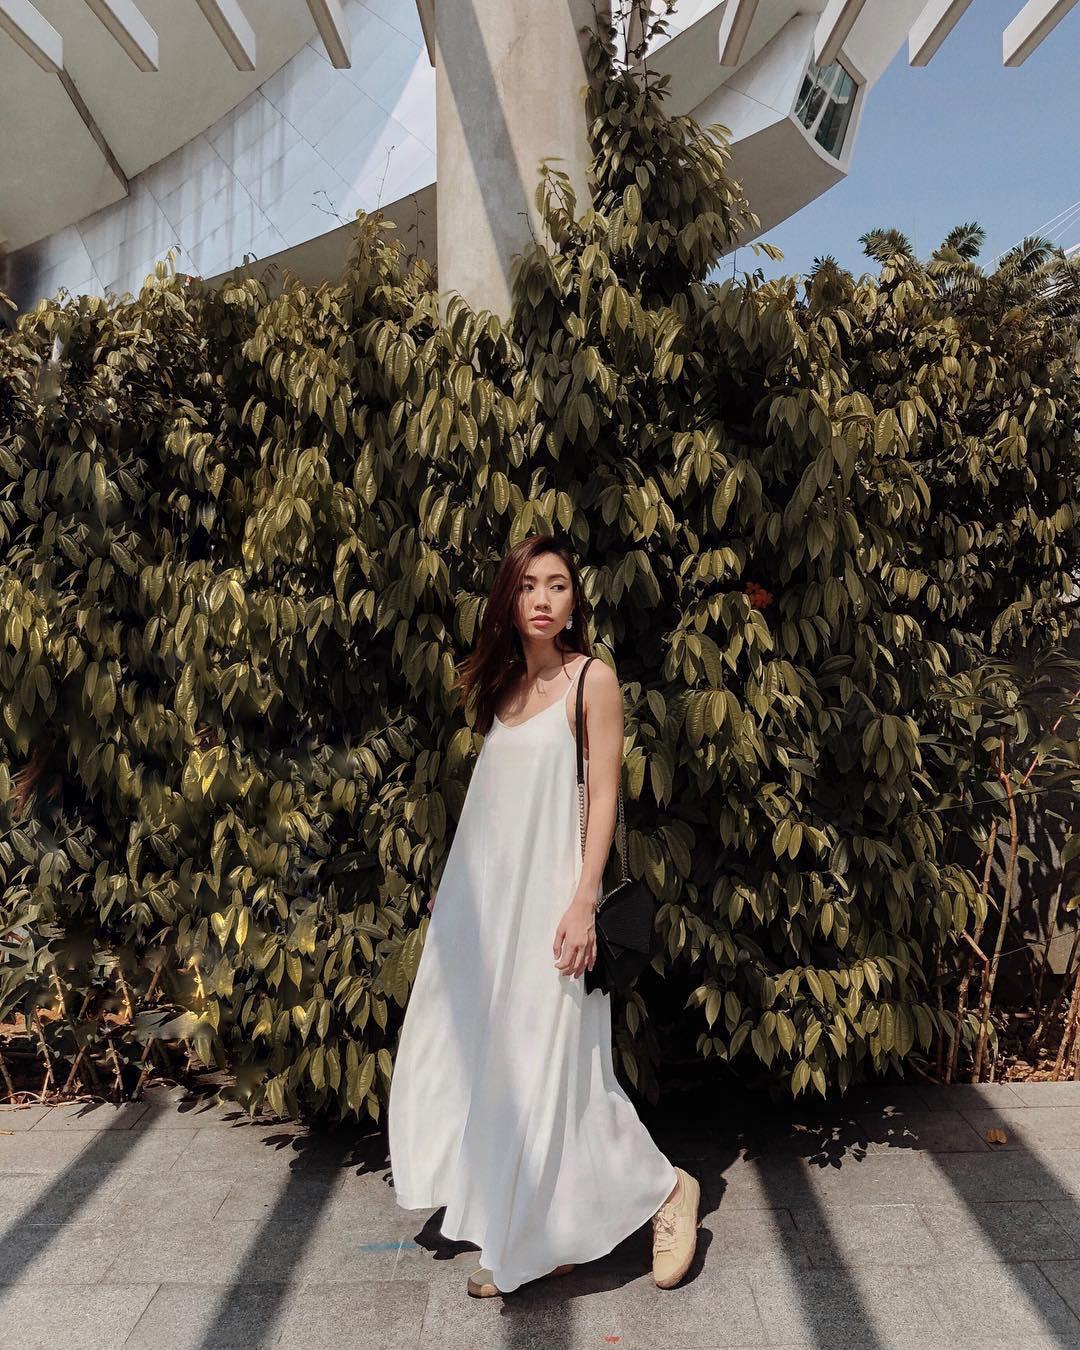 """4 mẫu váy đơn giản nhưng thừa độ sang chảnh, tinh tế giúp style của chị em """"sang trang"""" mới huy hoàng - Ảnh 1"""